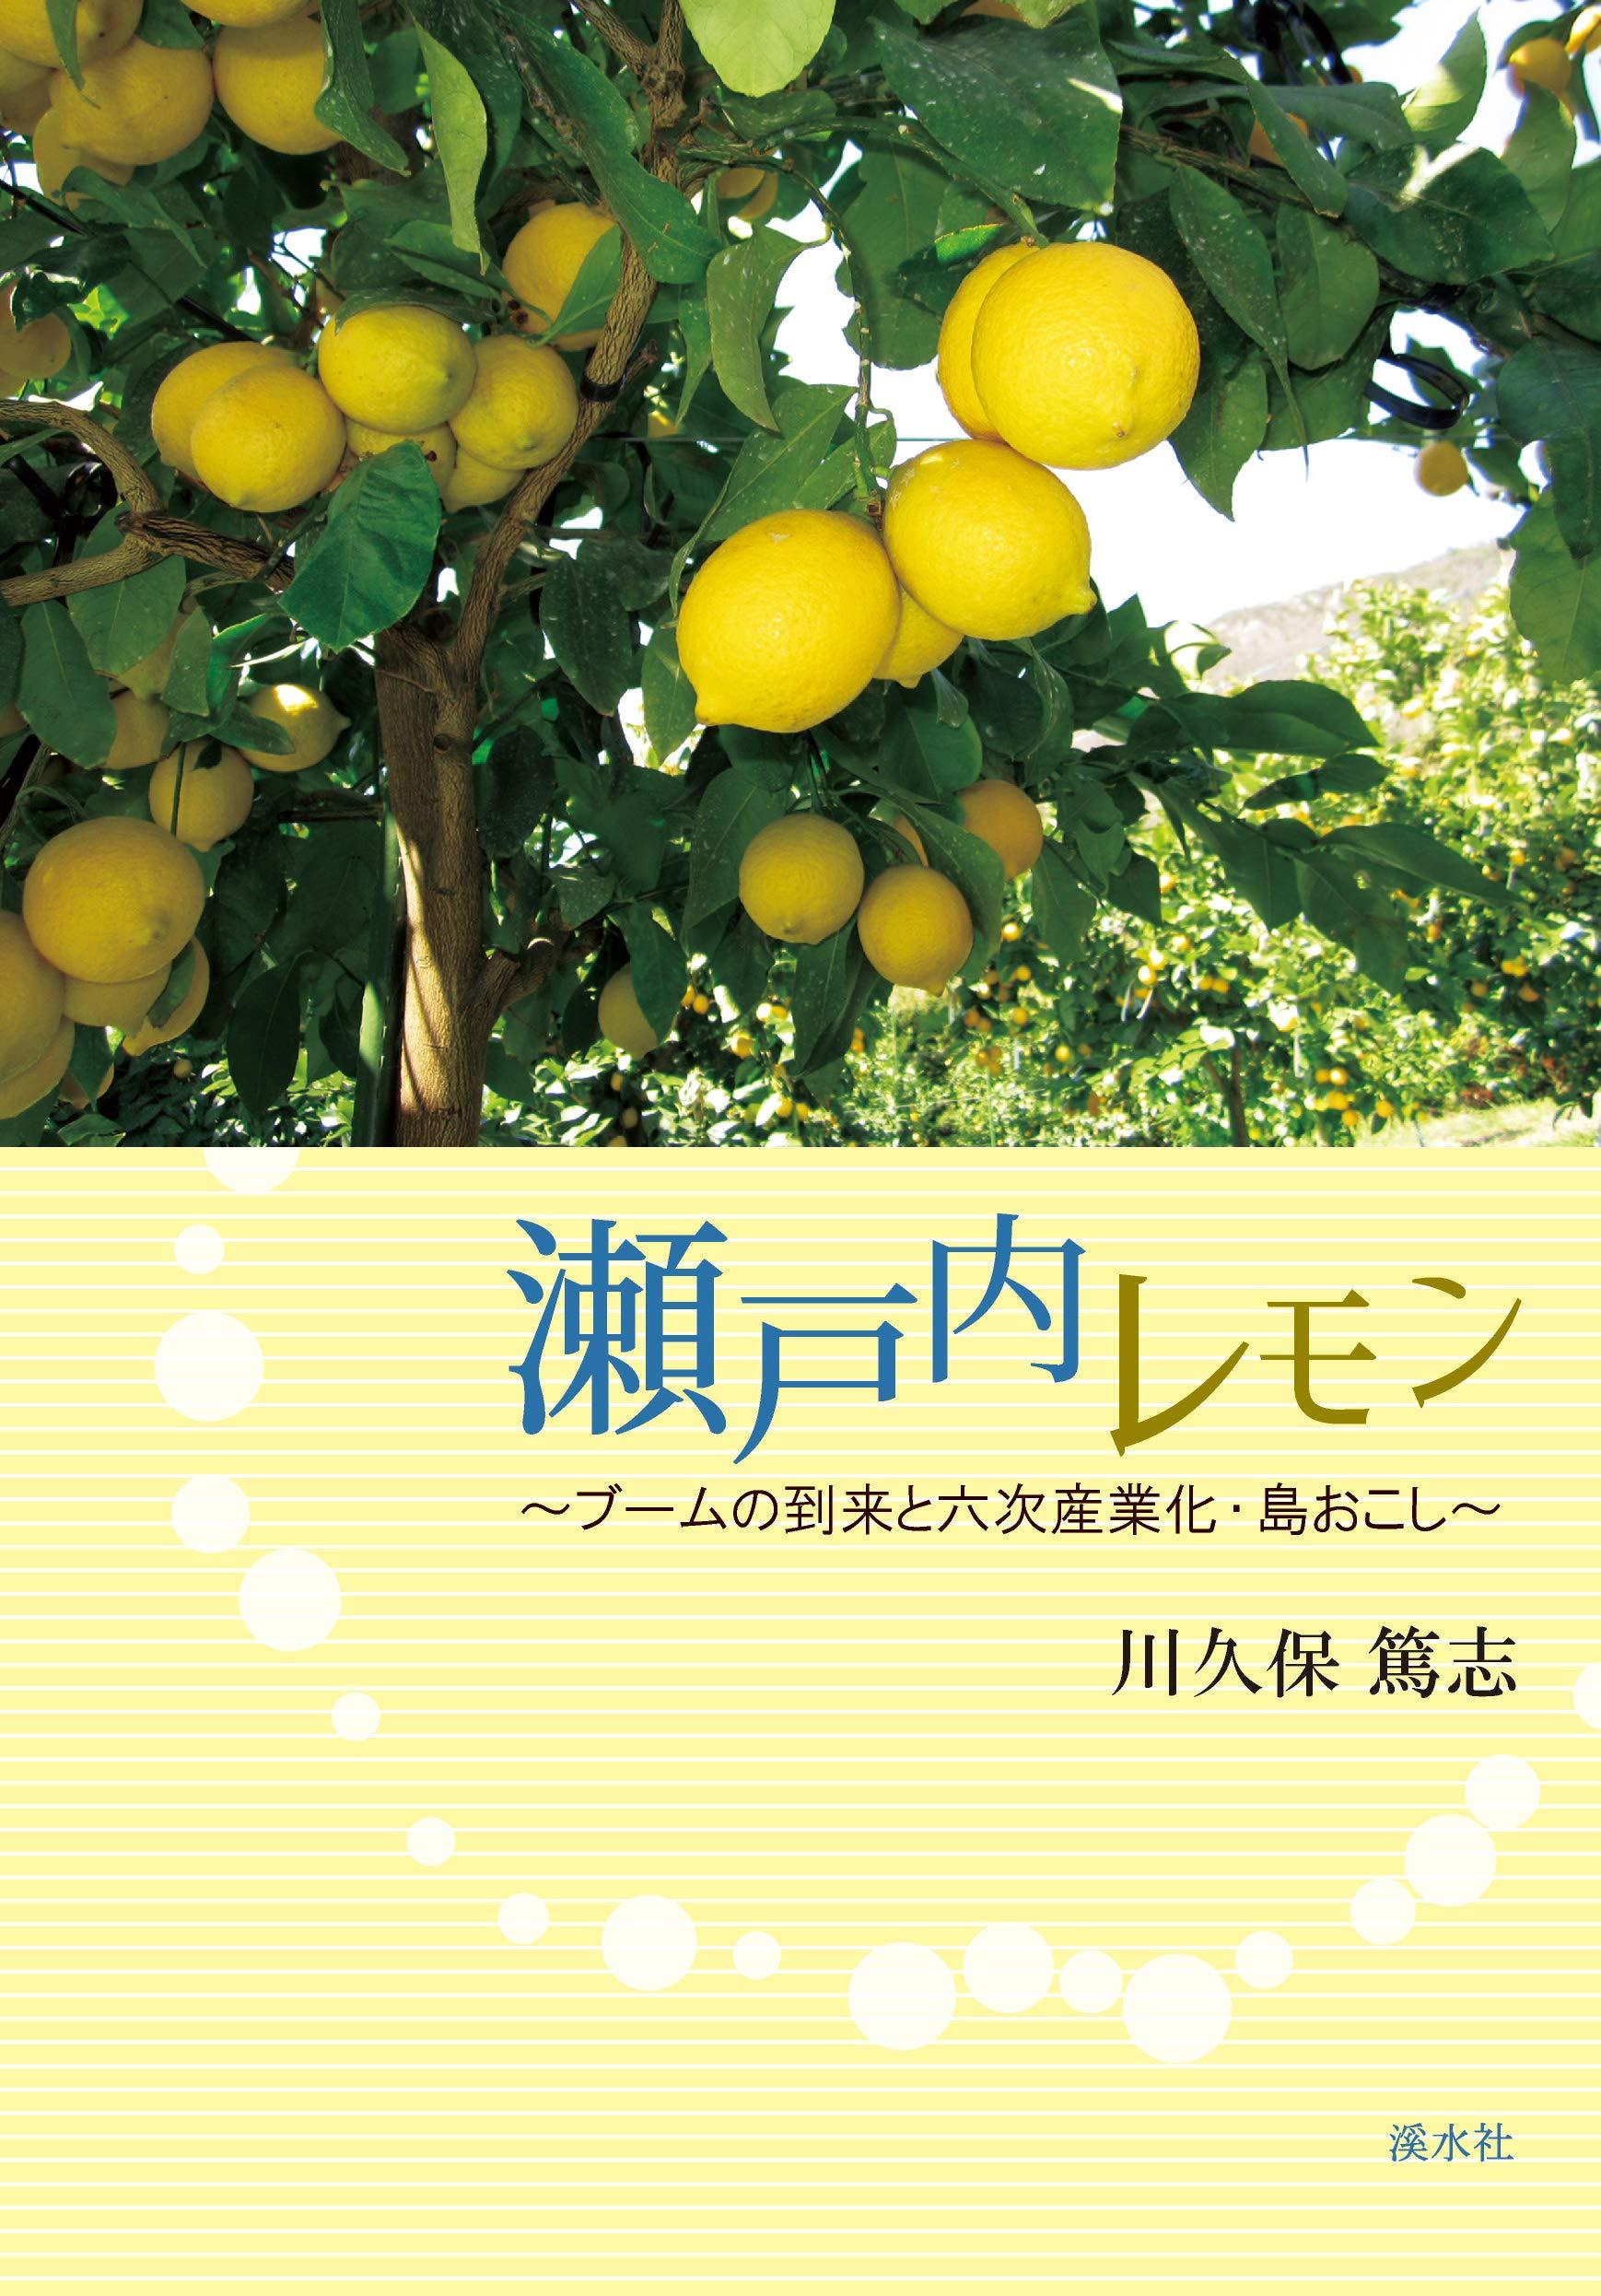 レモン 瀬戸内 ★マルト★瀬戸内レモンの半熟カステラ★